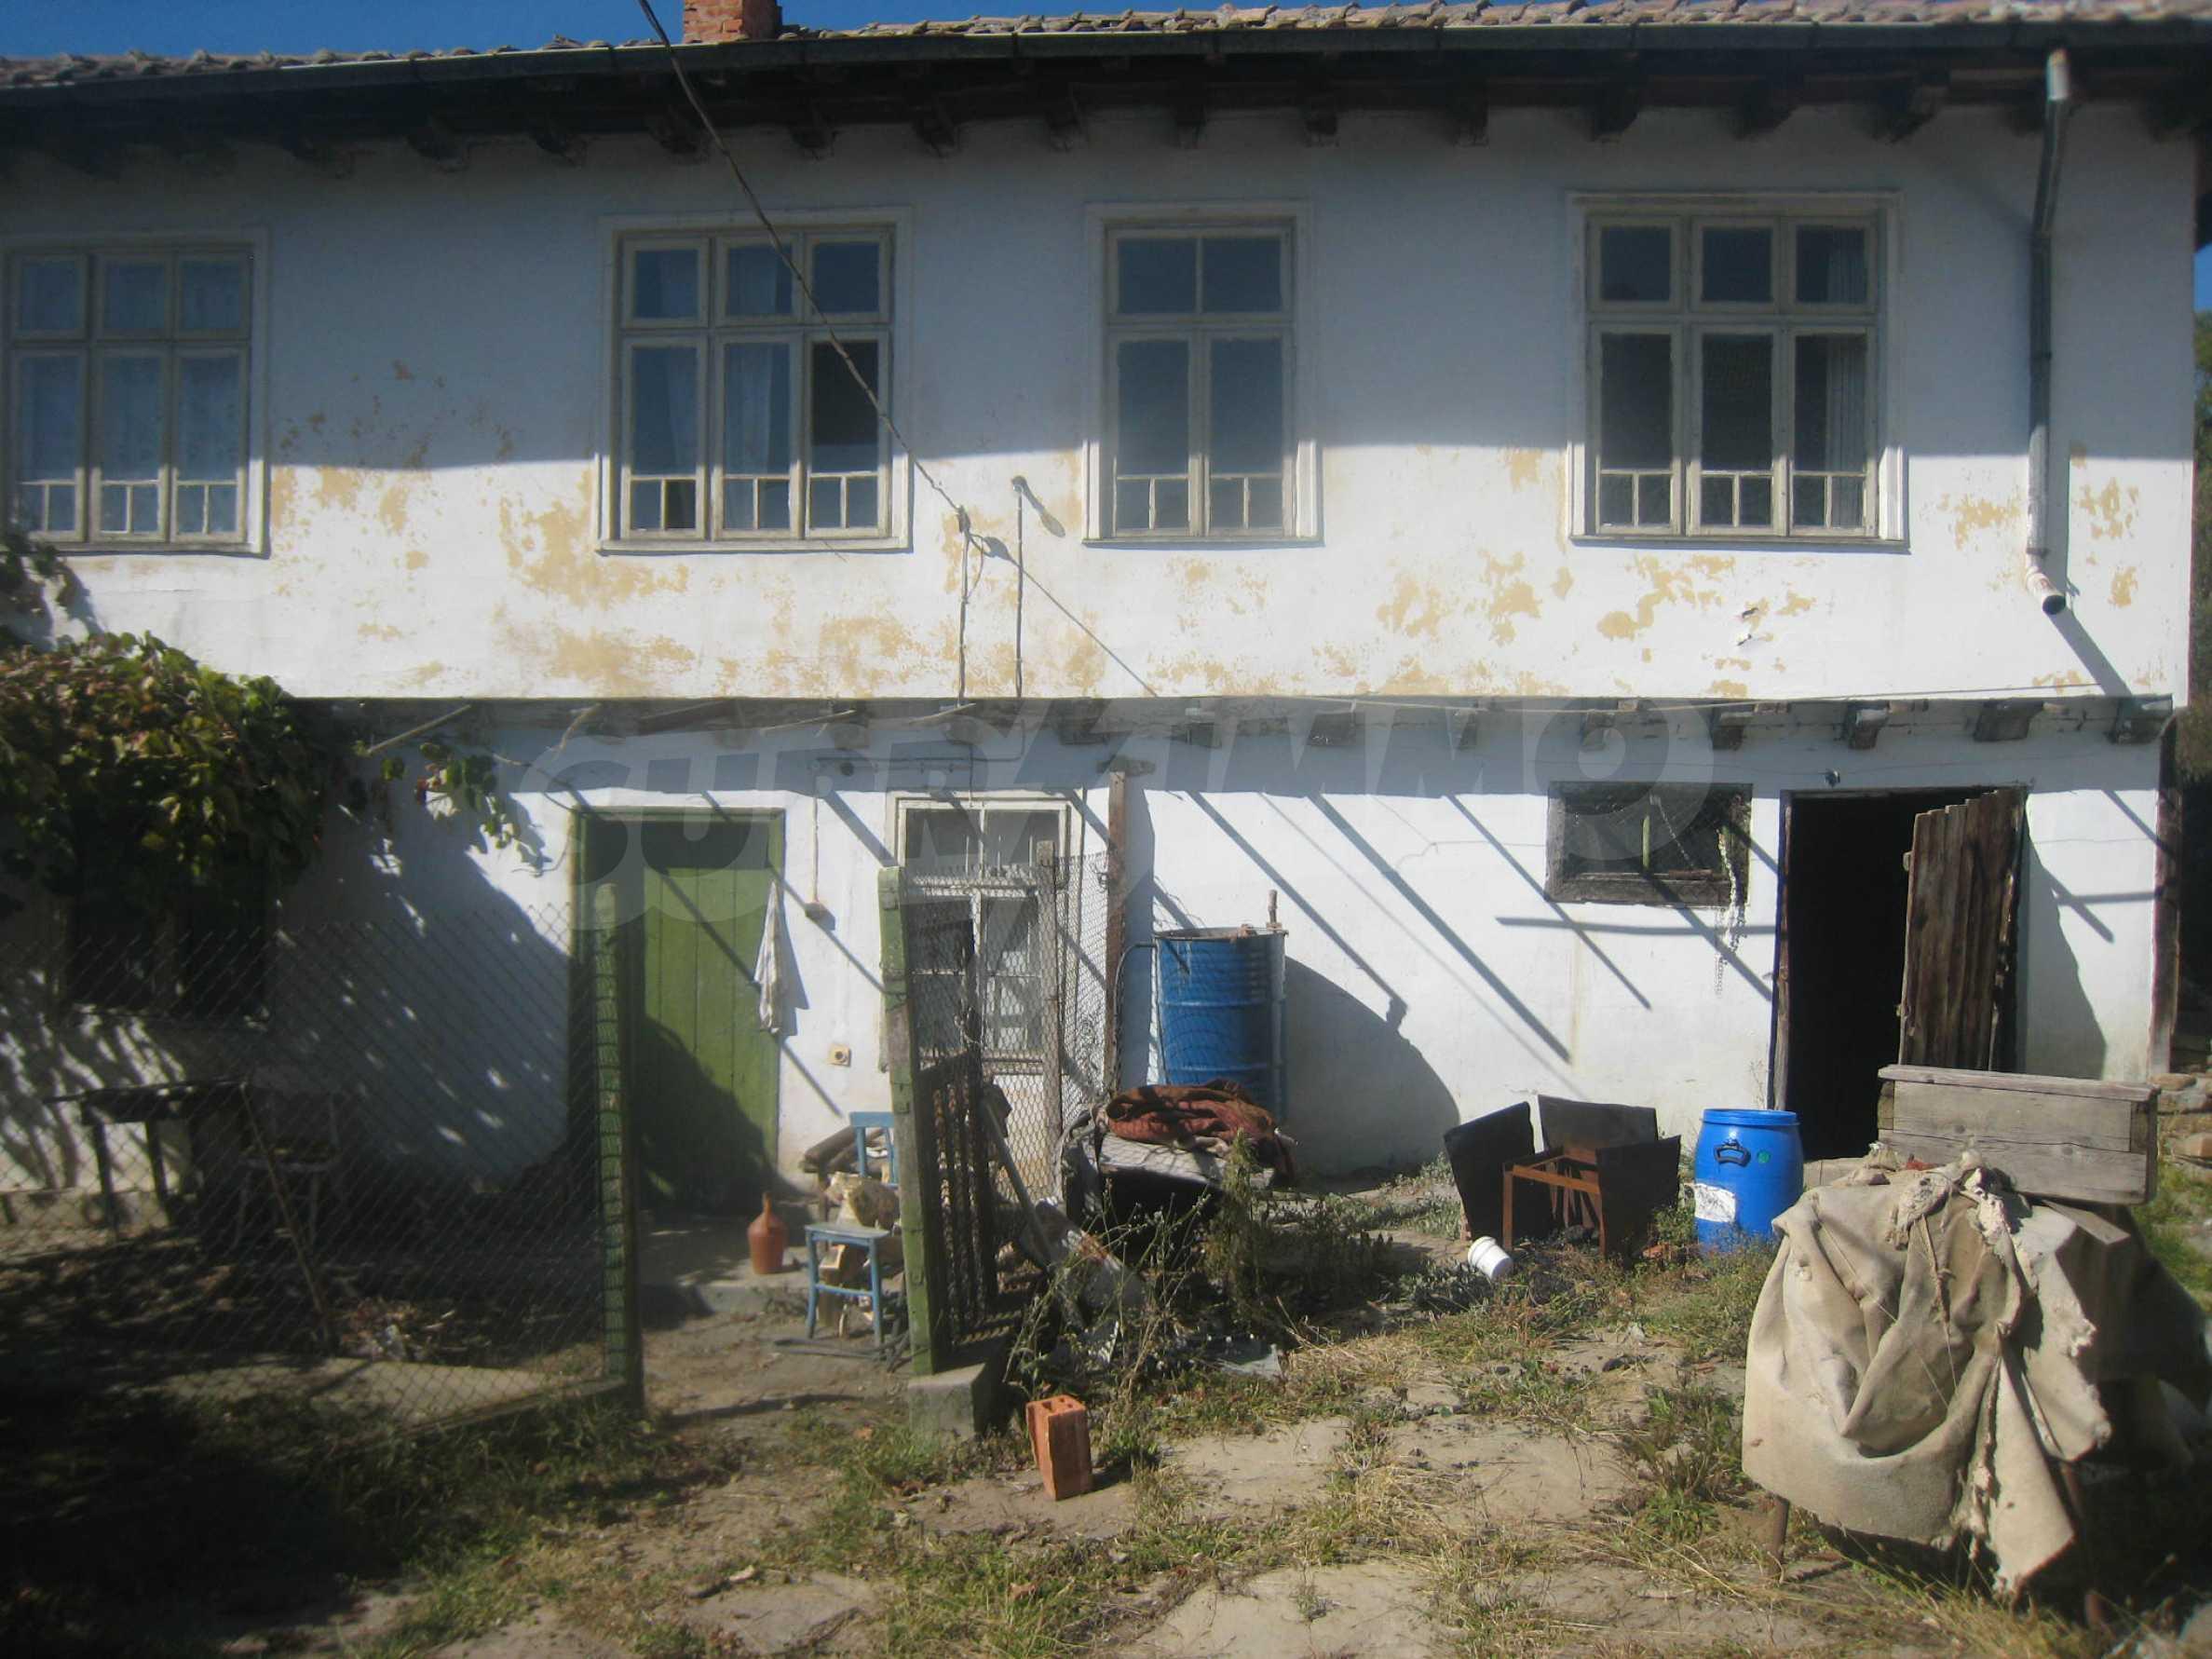 Traditionelles bulgarisches Haus in einem Dorf 9 km von Gabrovo entfernt